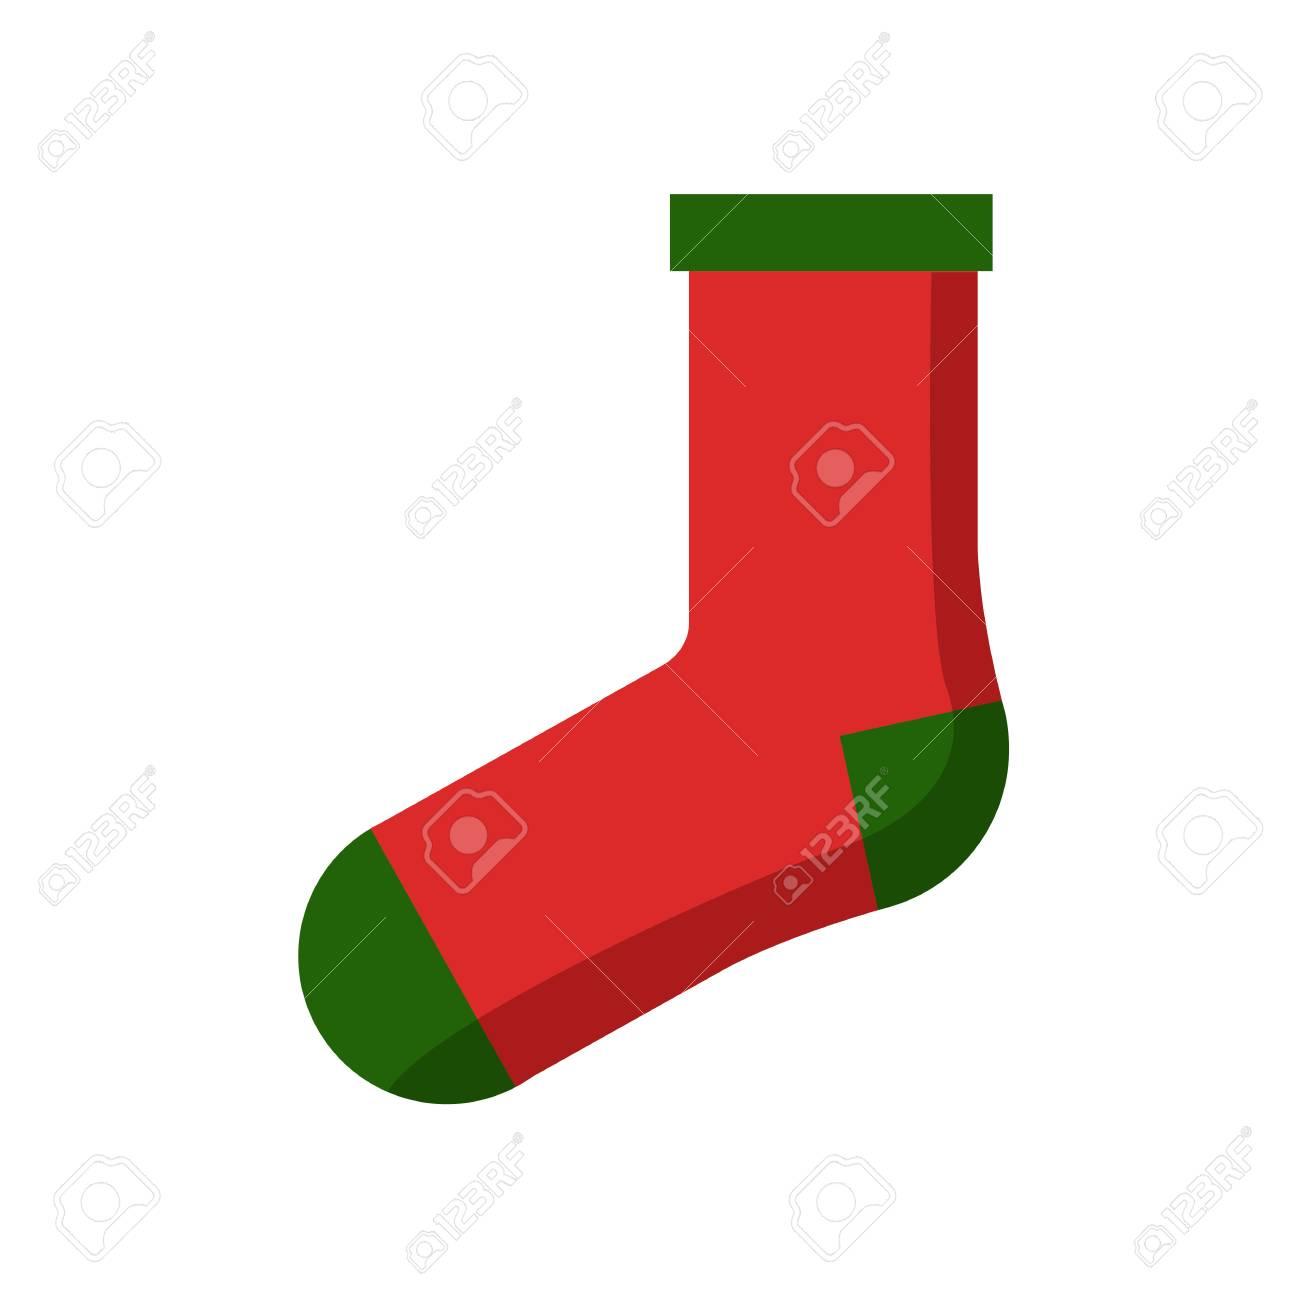 Rote Grüne Weihnachtssocke Lizenzfrei Nutzbare Vektorgrafiken, Clip ...